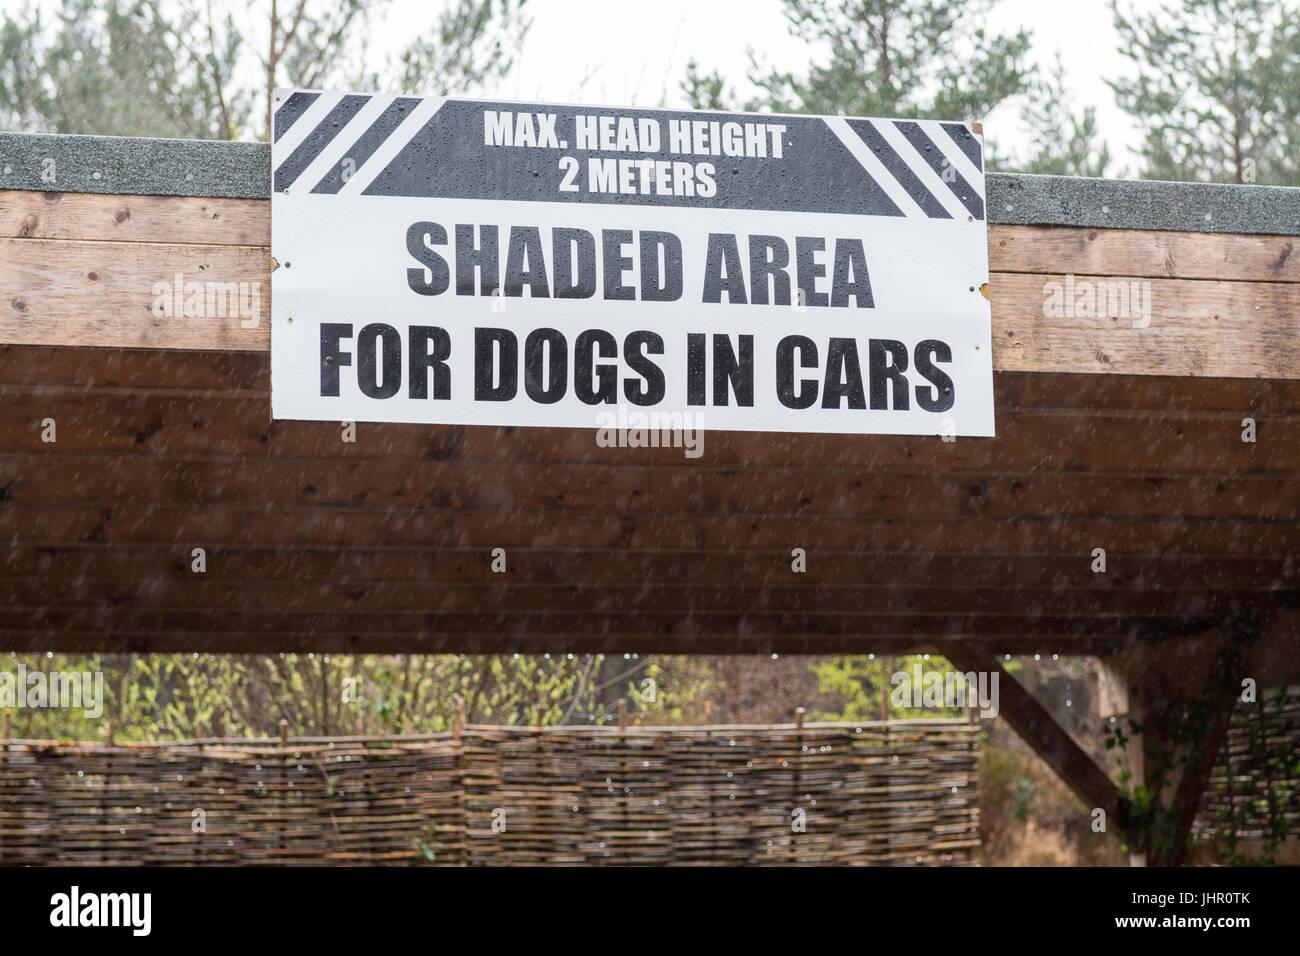 El área sombreada para perros en coches en Beinn Eighe NNR visitor center, Kinlochewe, Scotland, Reino Unido Imagen De Stock